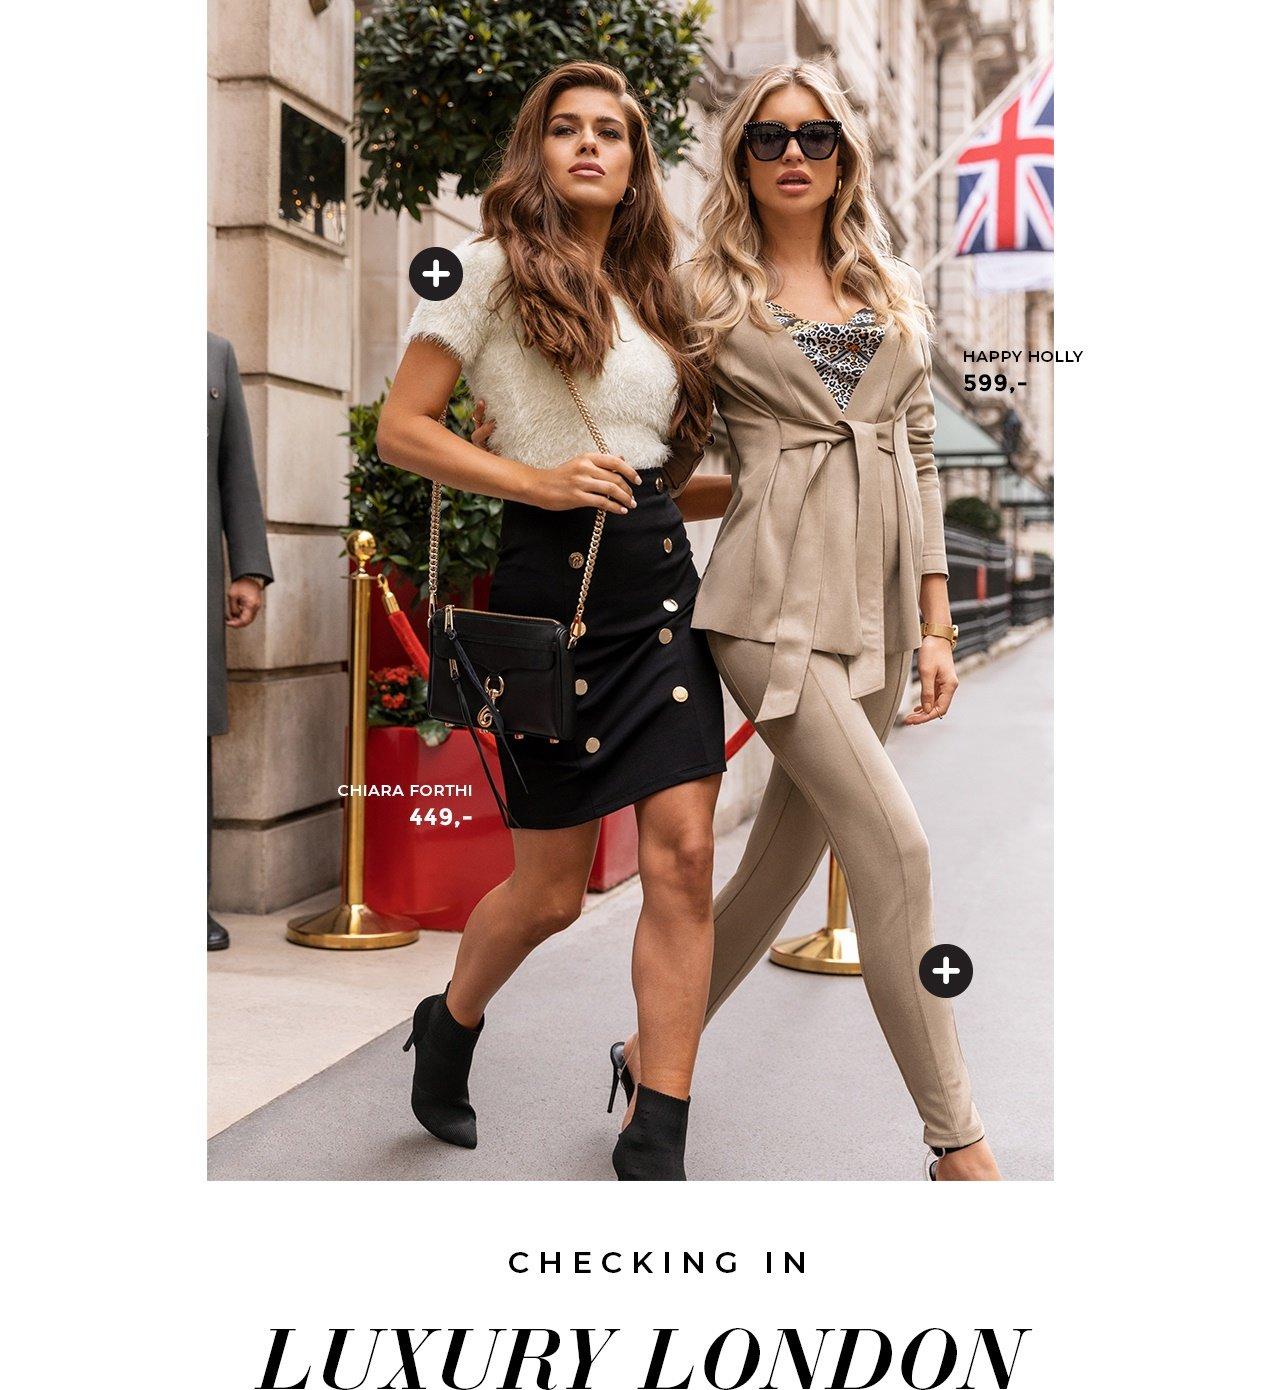 Shop nyheter fra Chiara Forthi & Happy Holly